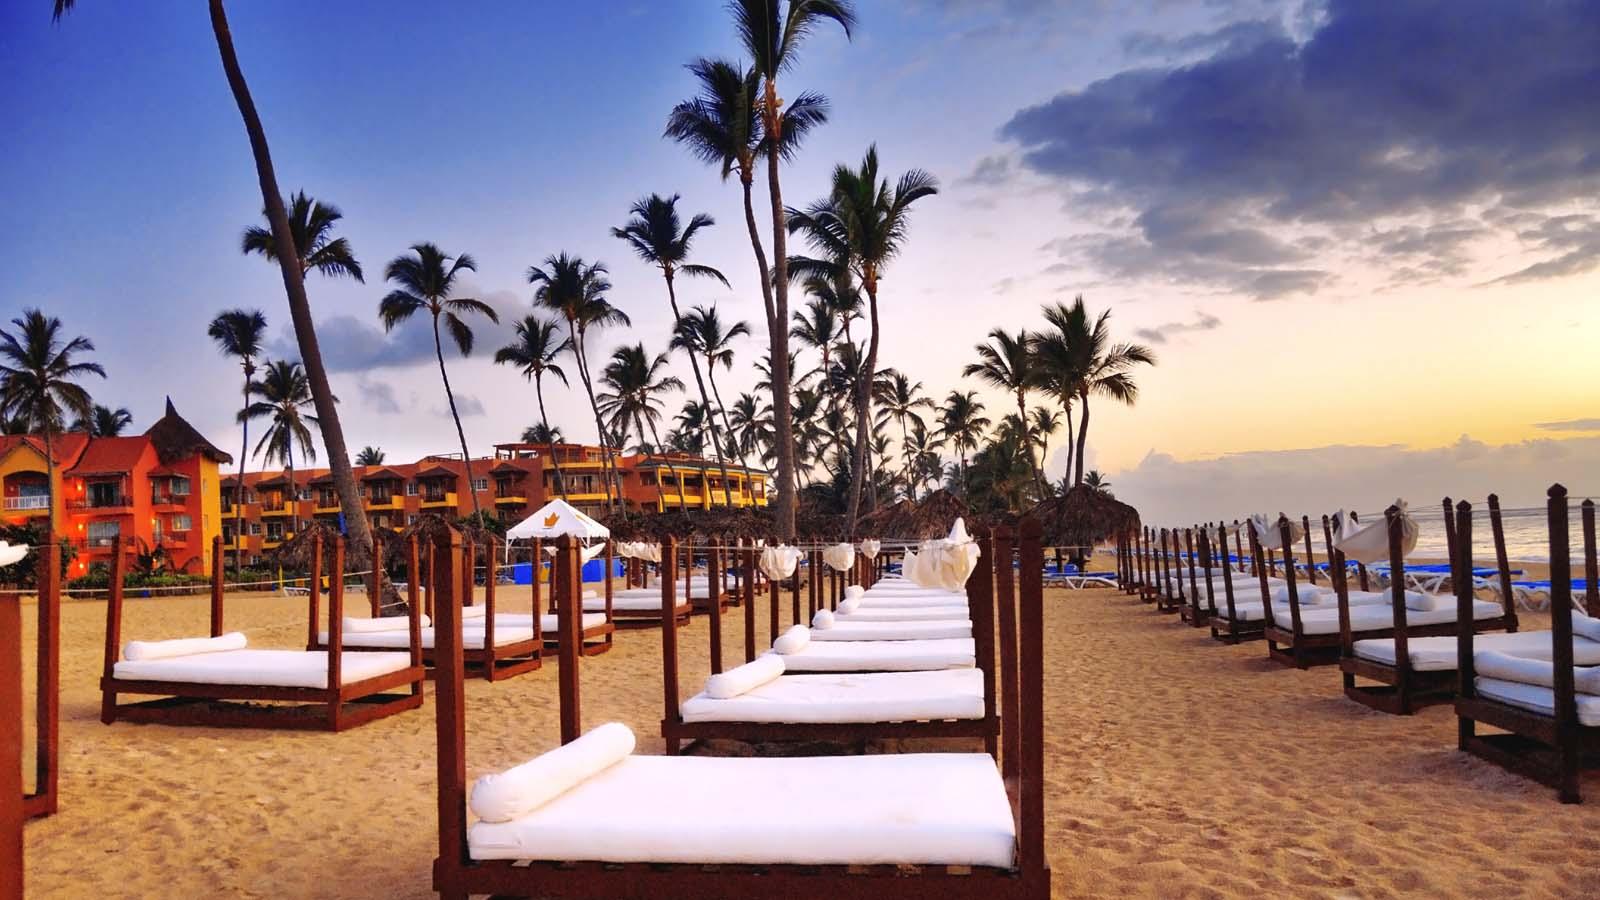 Viajes a Punta Cana en Agosto